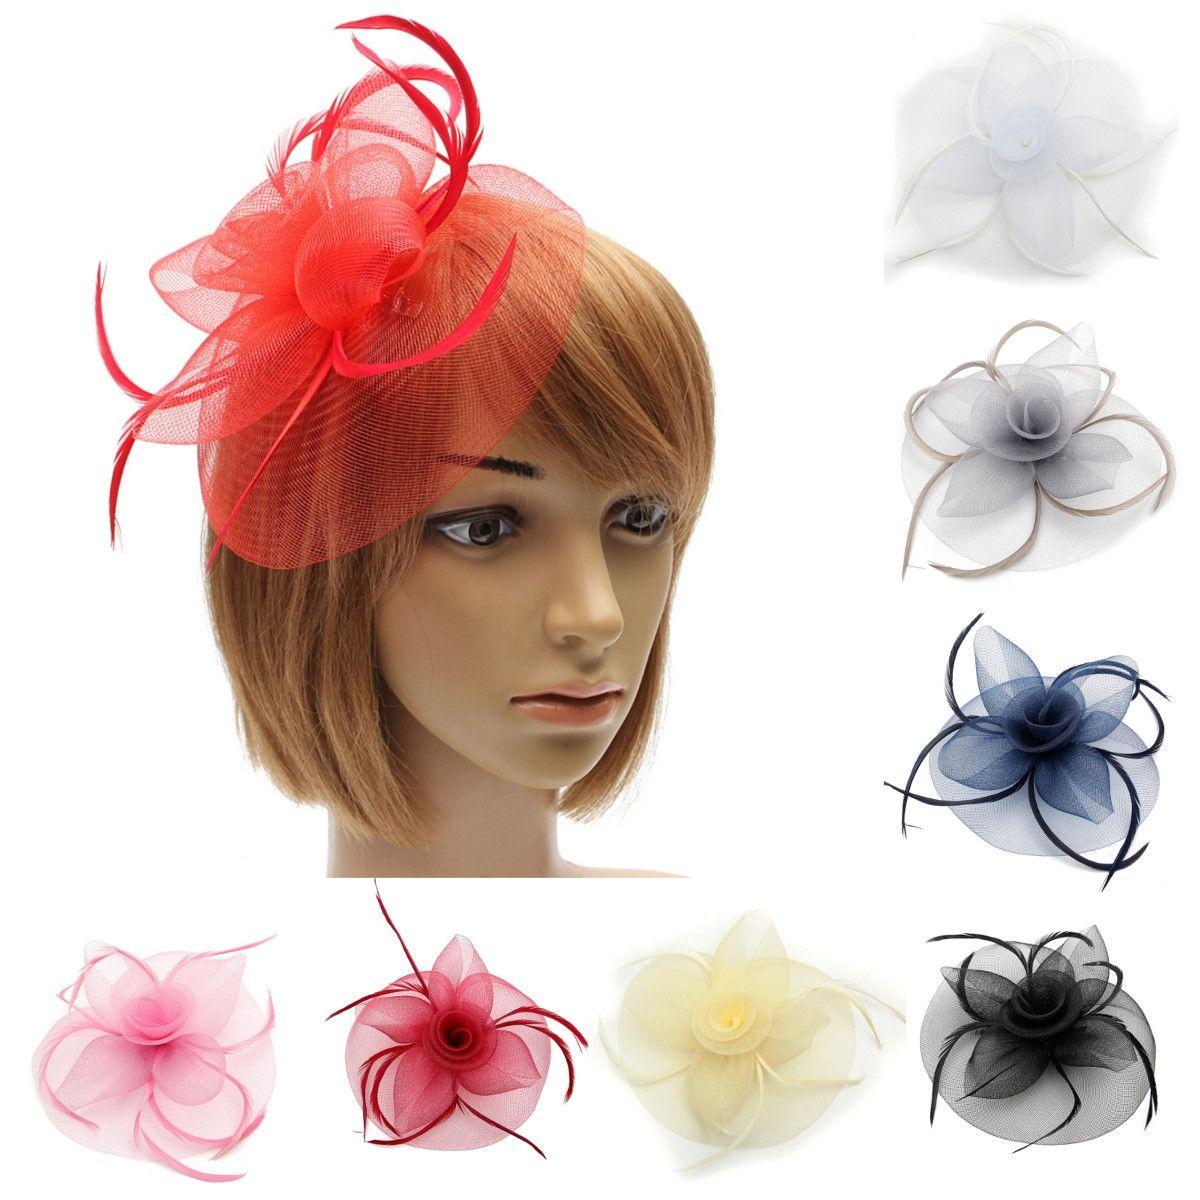 Un look impactante con peinados con peinetas Fotos de cortes de pelo tendencias - 10 Imagenes De Peinados Con Peinetas   Las Mejores ...